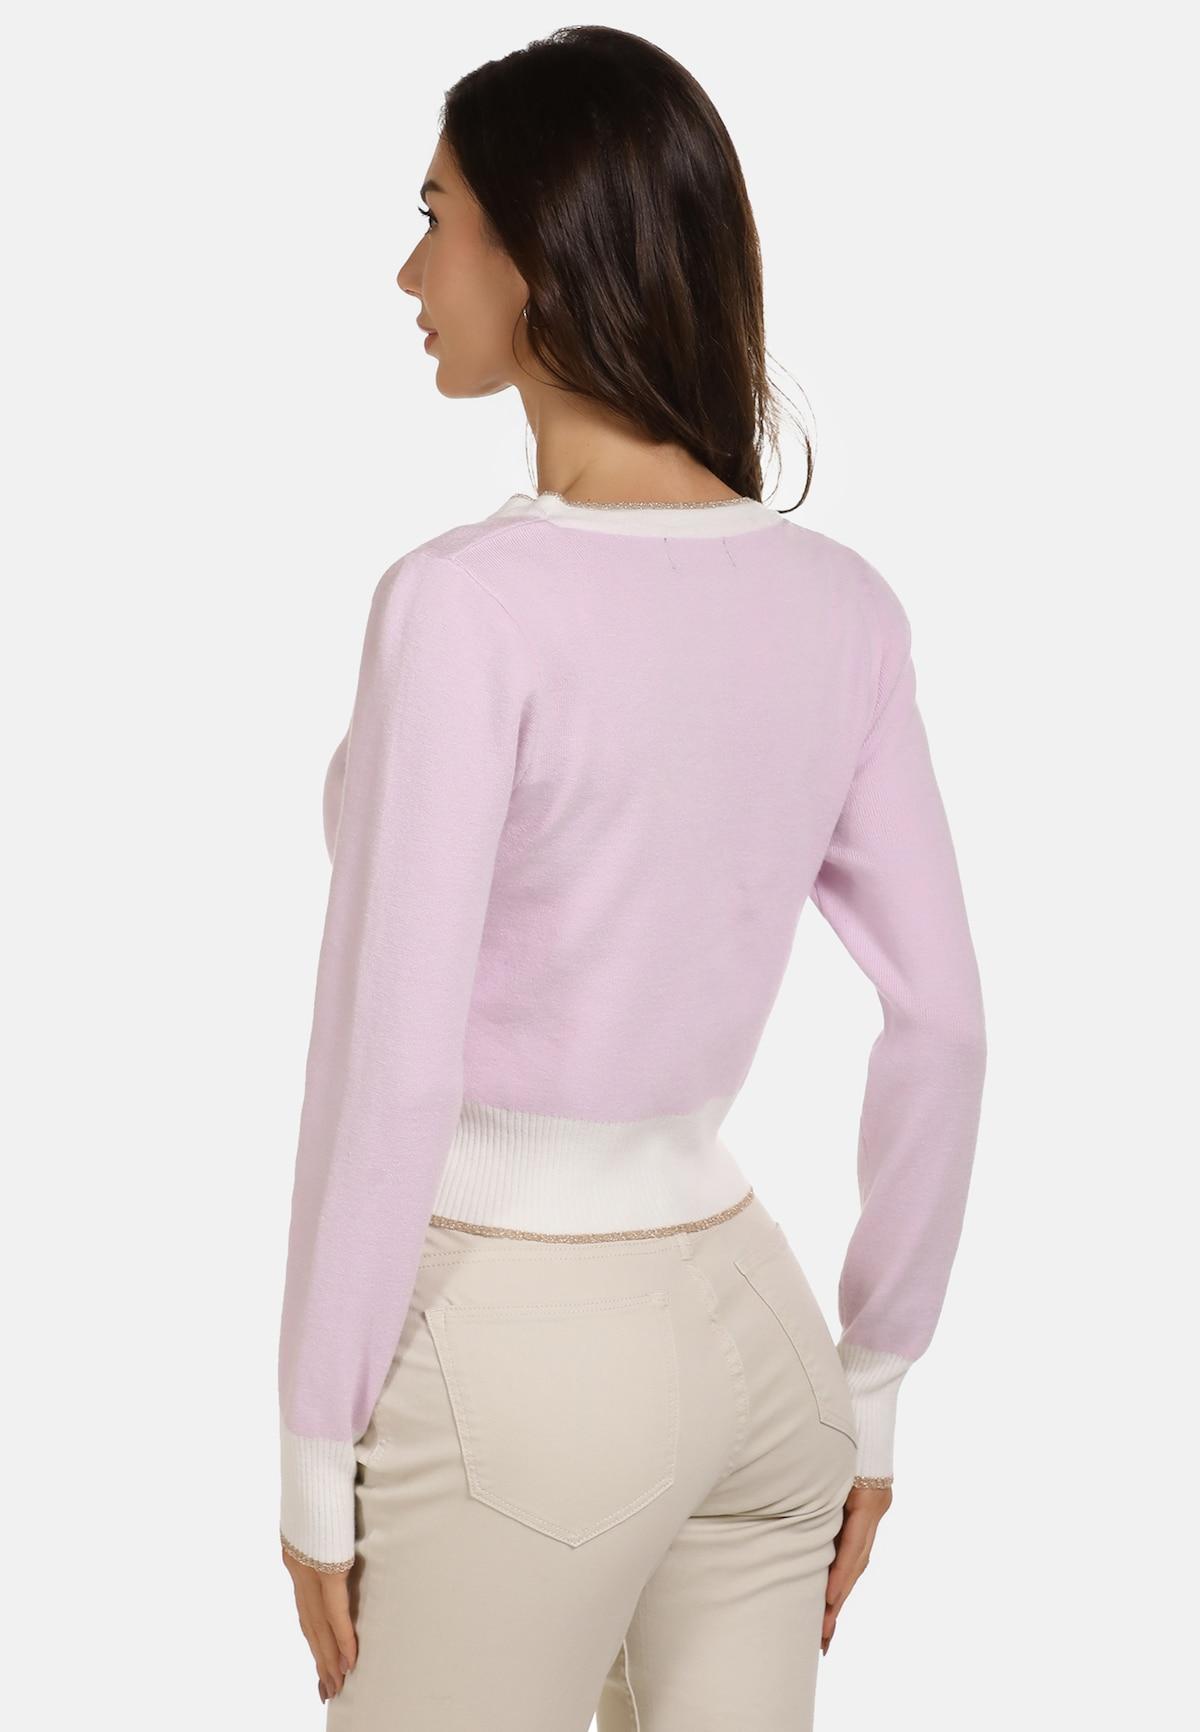 Beliebt Frauen Bekleidung faina Strickjacke in pink Zum Verkauf